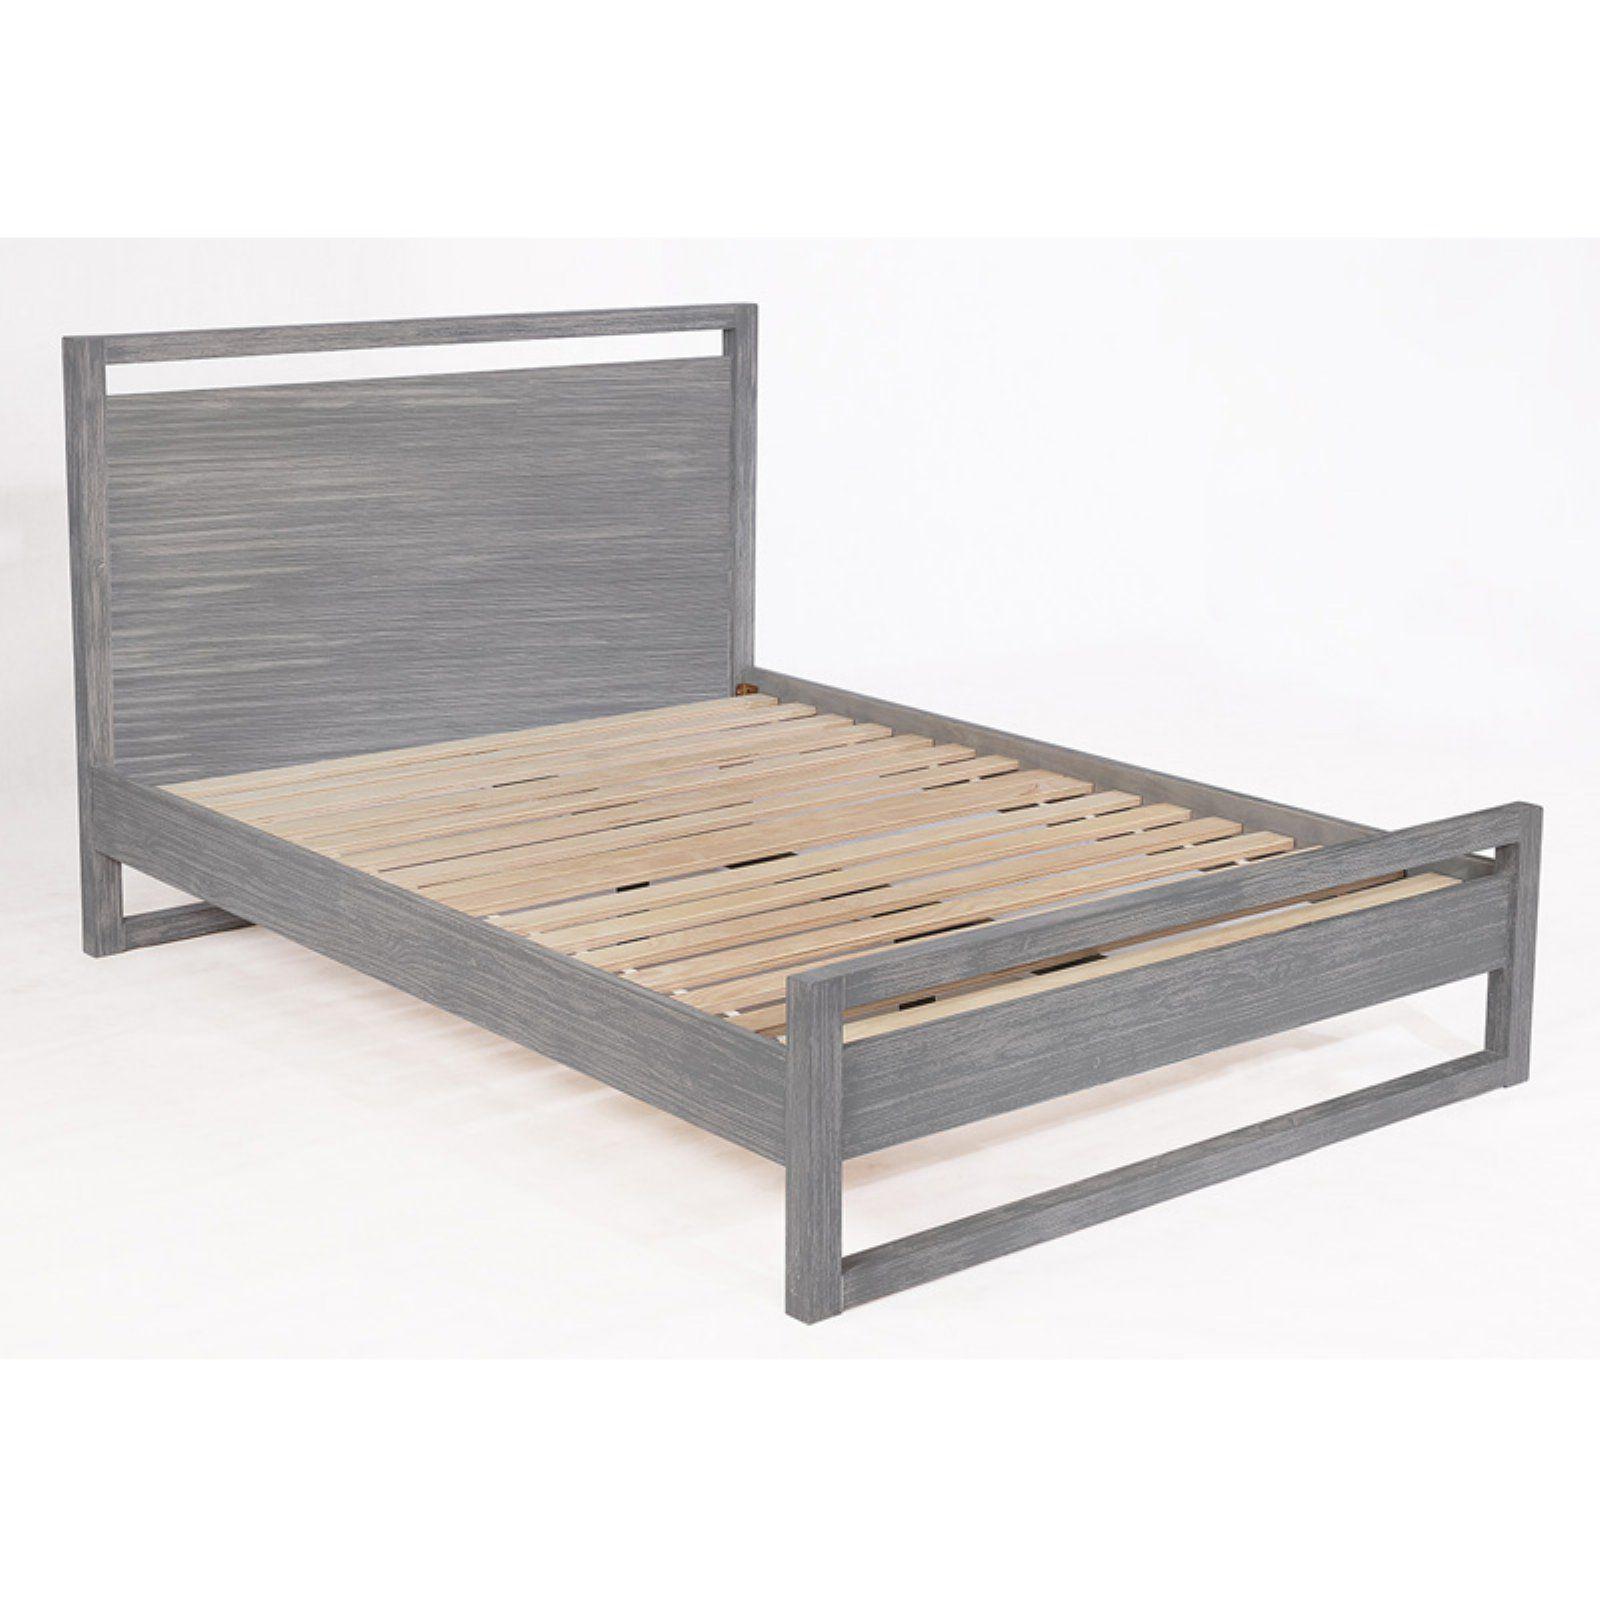 Mantua Velanda Platform Bed In 2019 Products Platform Bed Bed